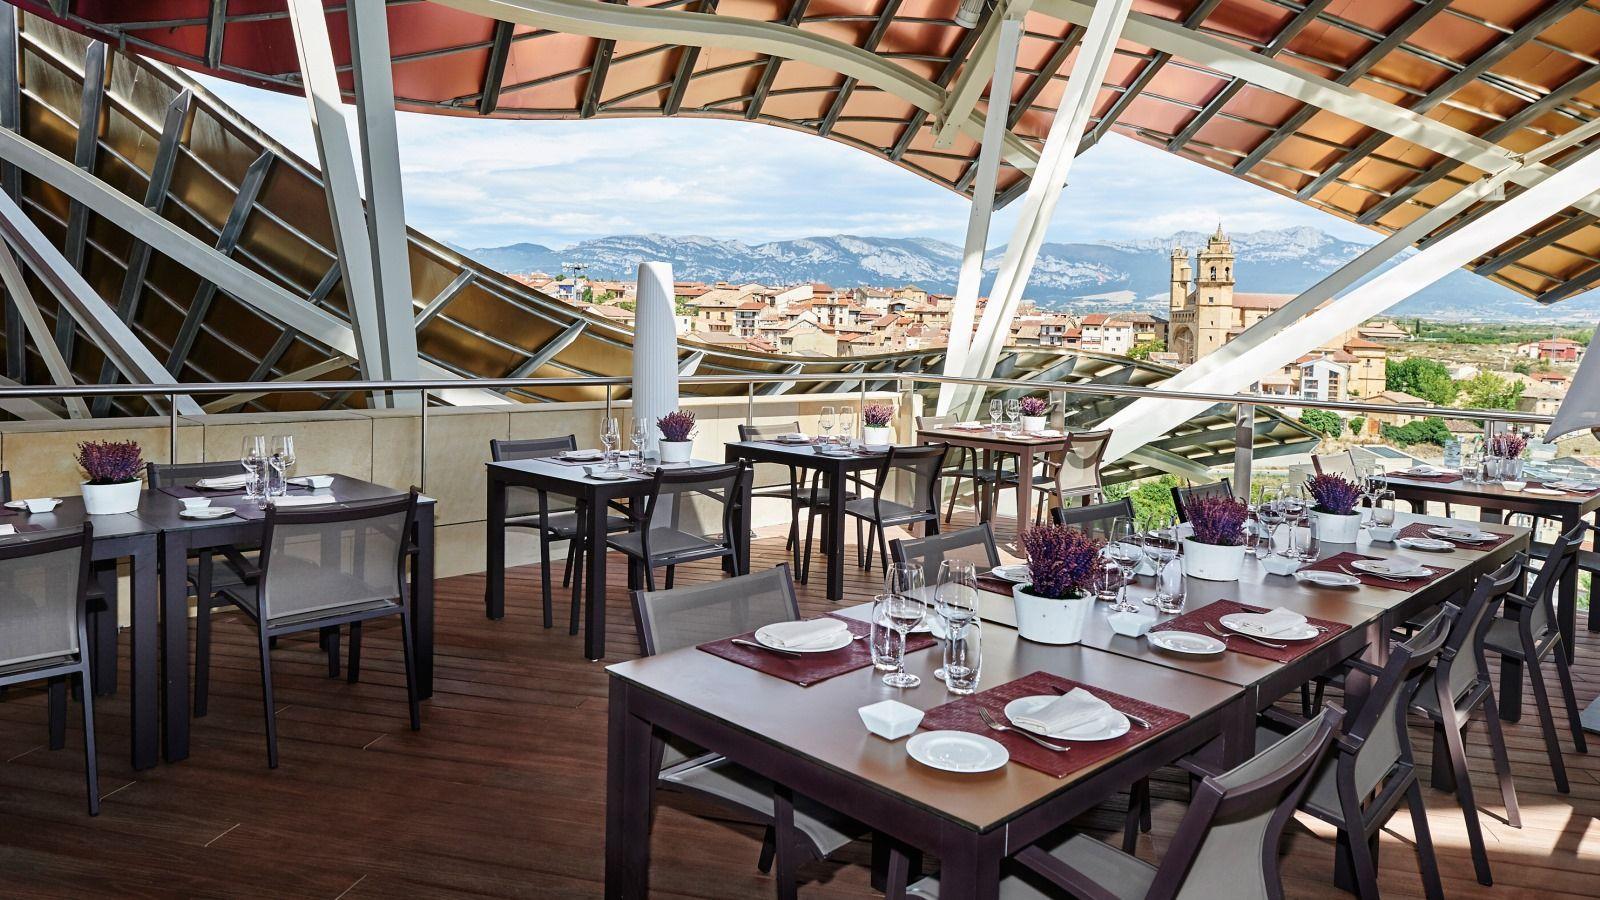 ТОП-10 лучших ресторанов мира, в которых должен побывать каждый гурман - фото 390088